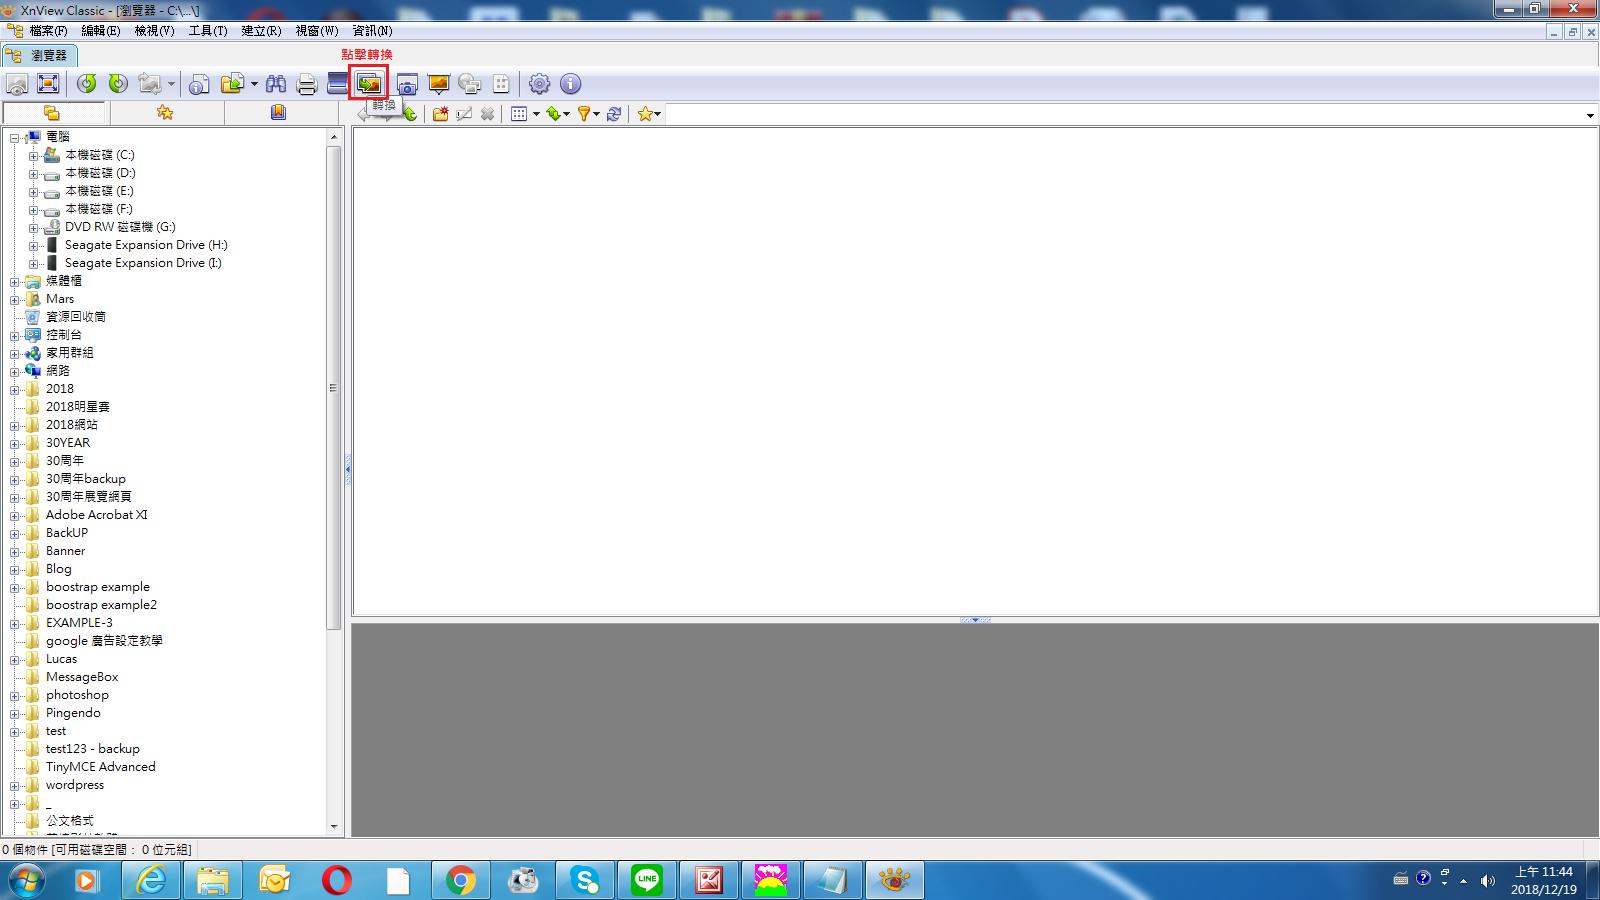 功能最齊全的免費圖片瀏覽軟體XnView